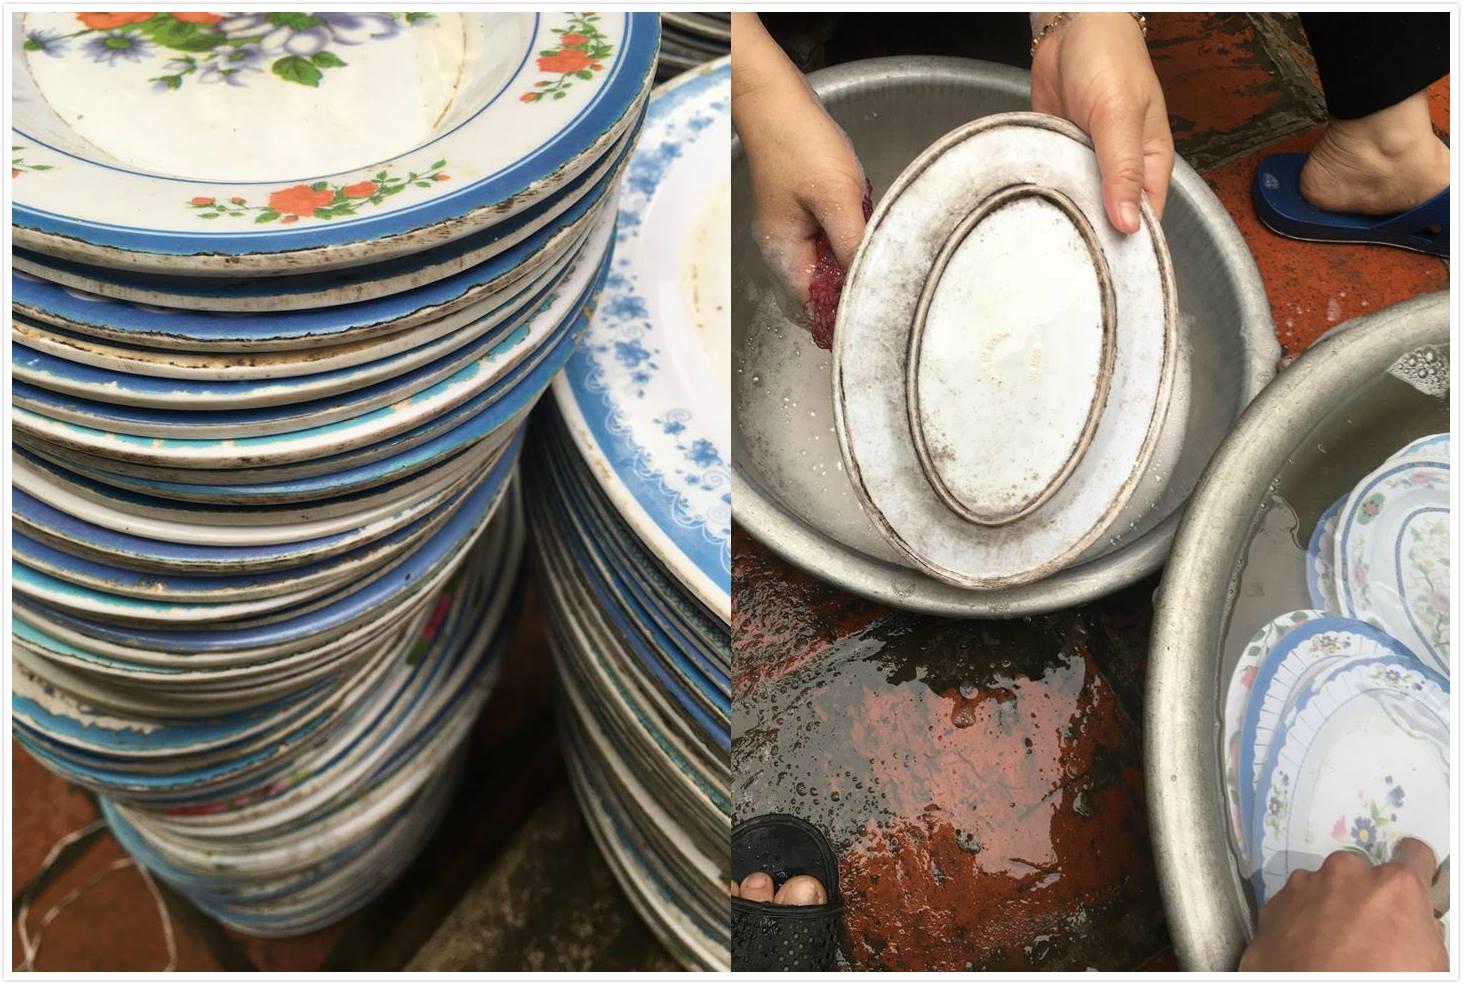 Thanh niên khóc ròng khi bỏ hơn chục triệu thuê bát đĩa ăn đám cưới nhưng nhận toàn bát mốc đen sì